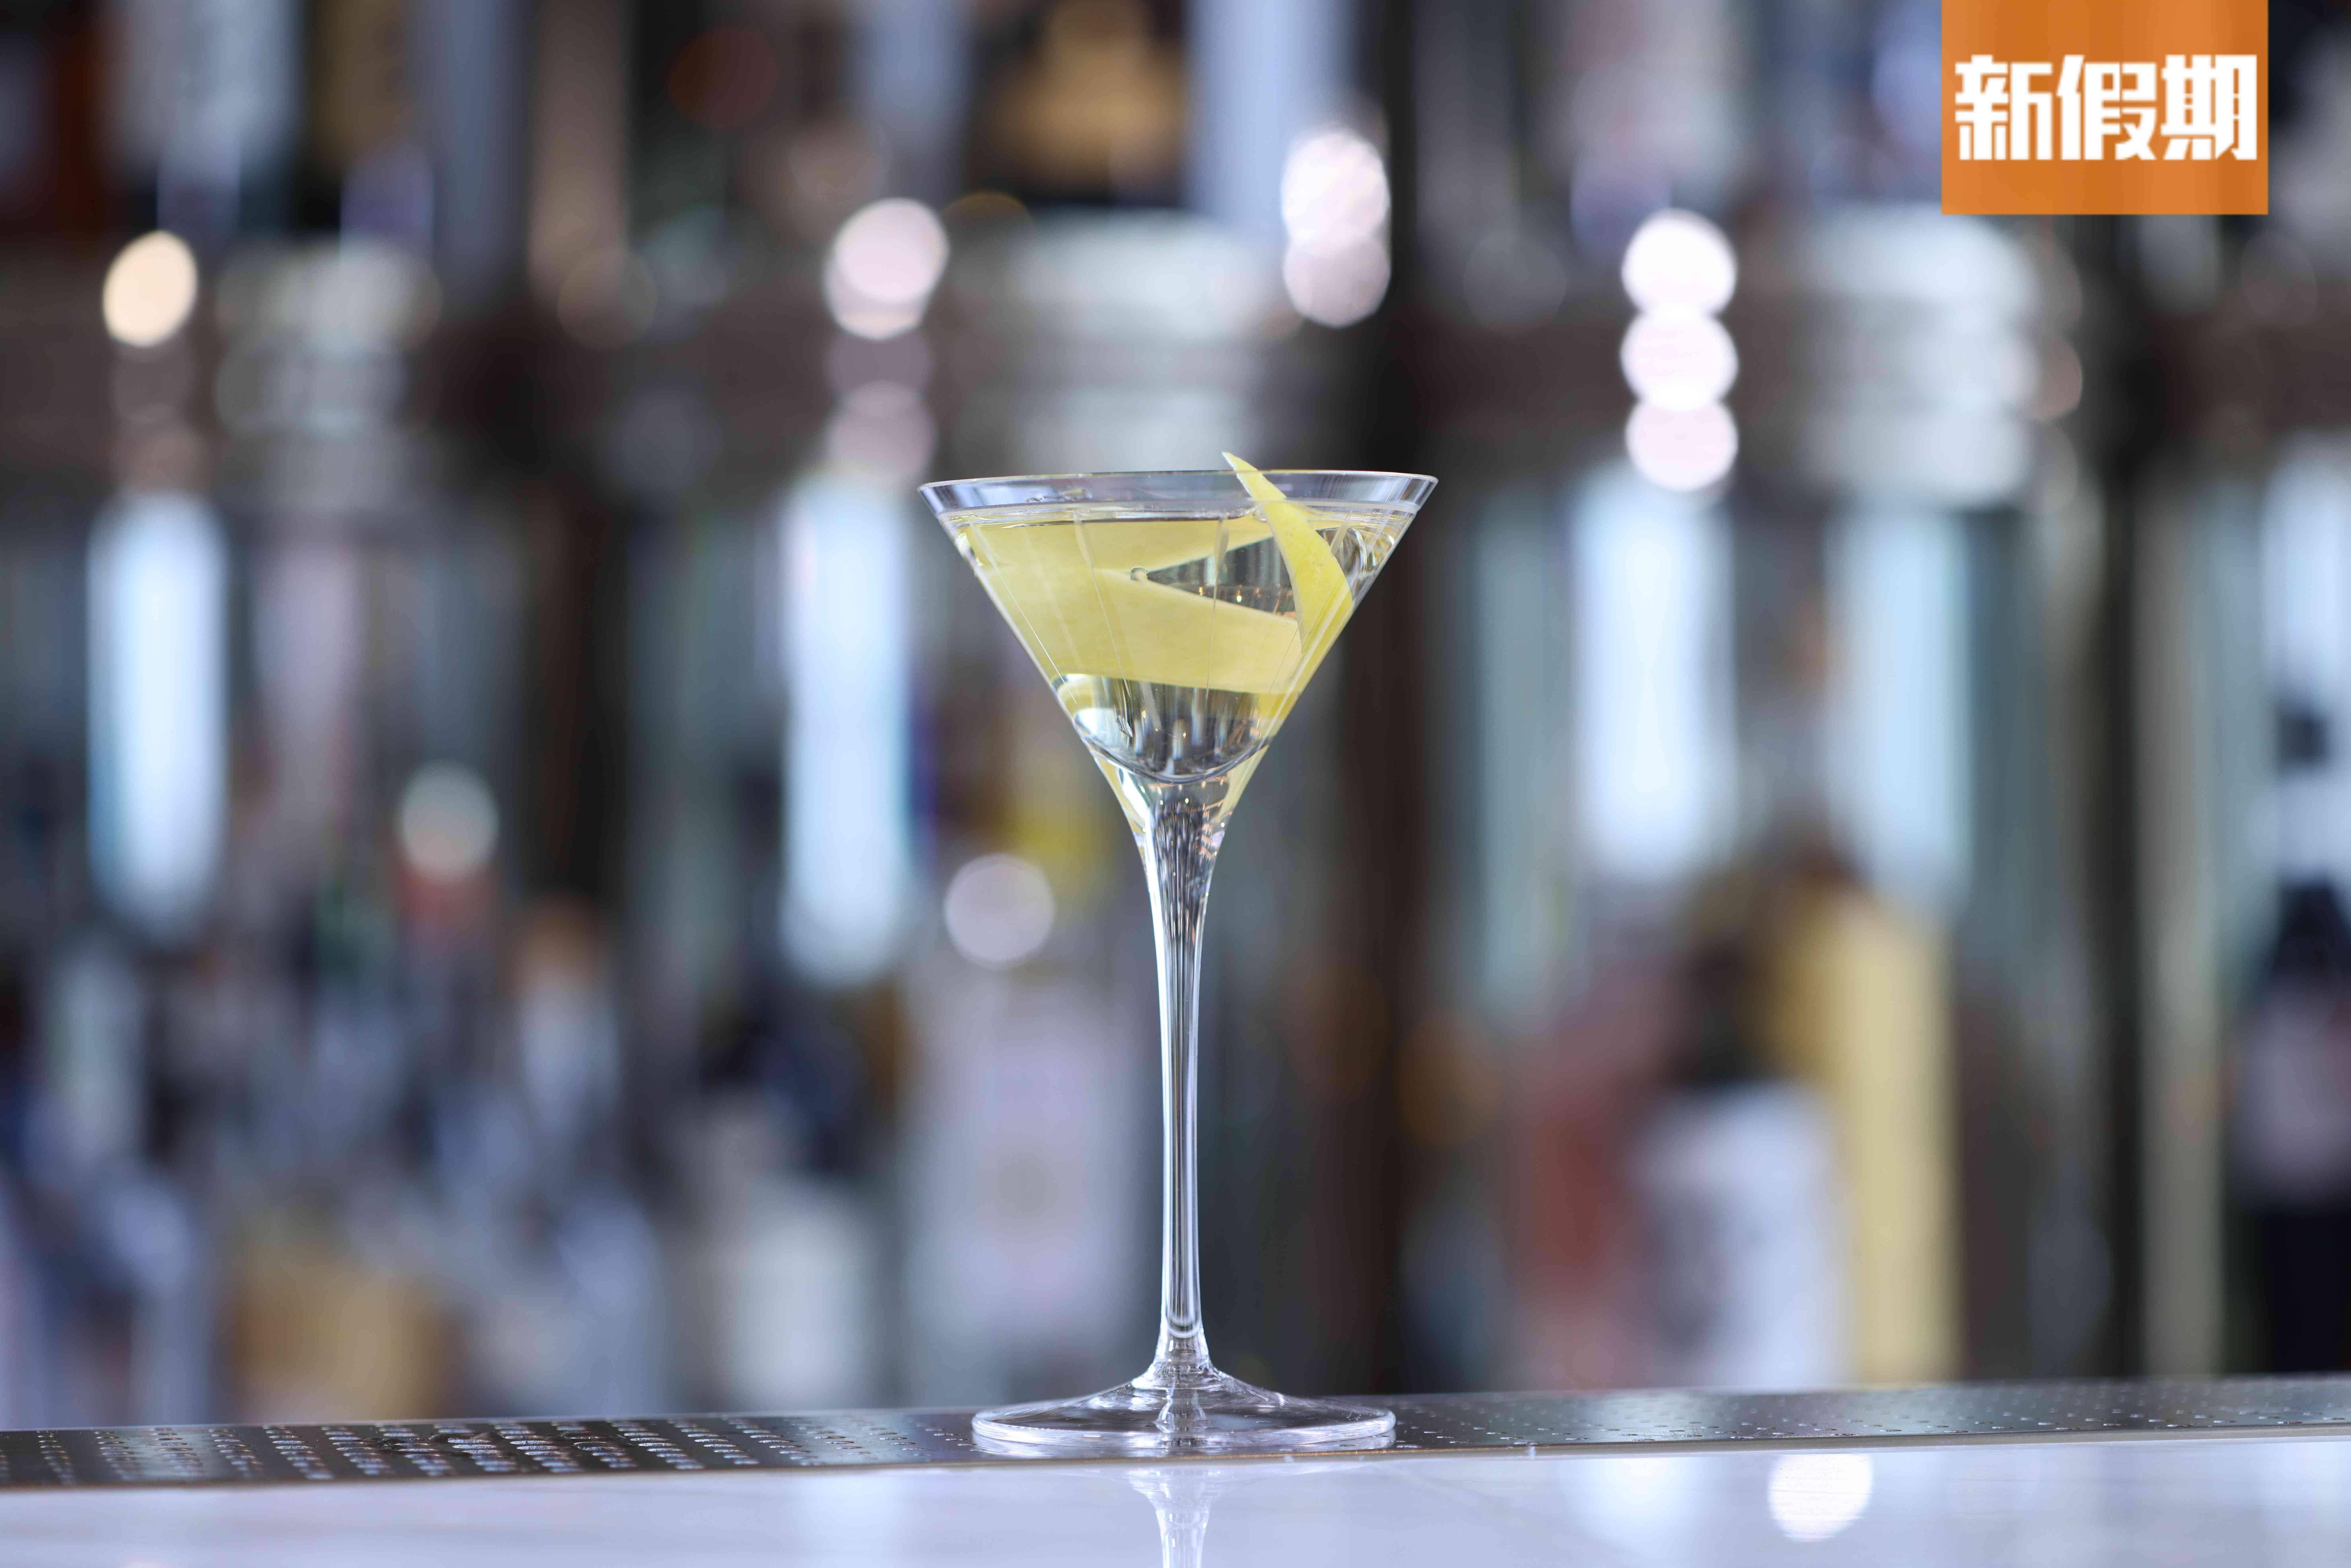 Argo Martini0混合了招牌Argo Gin 還有季節風味水(圖片來源:新假期編輯部)